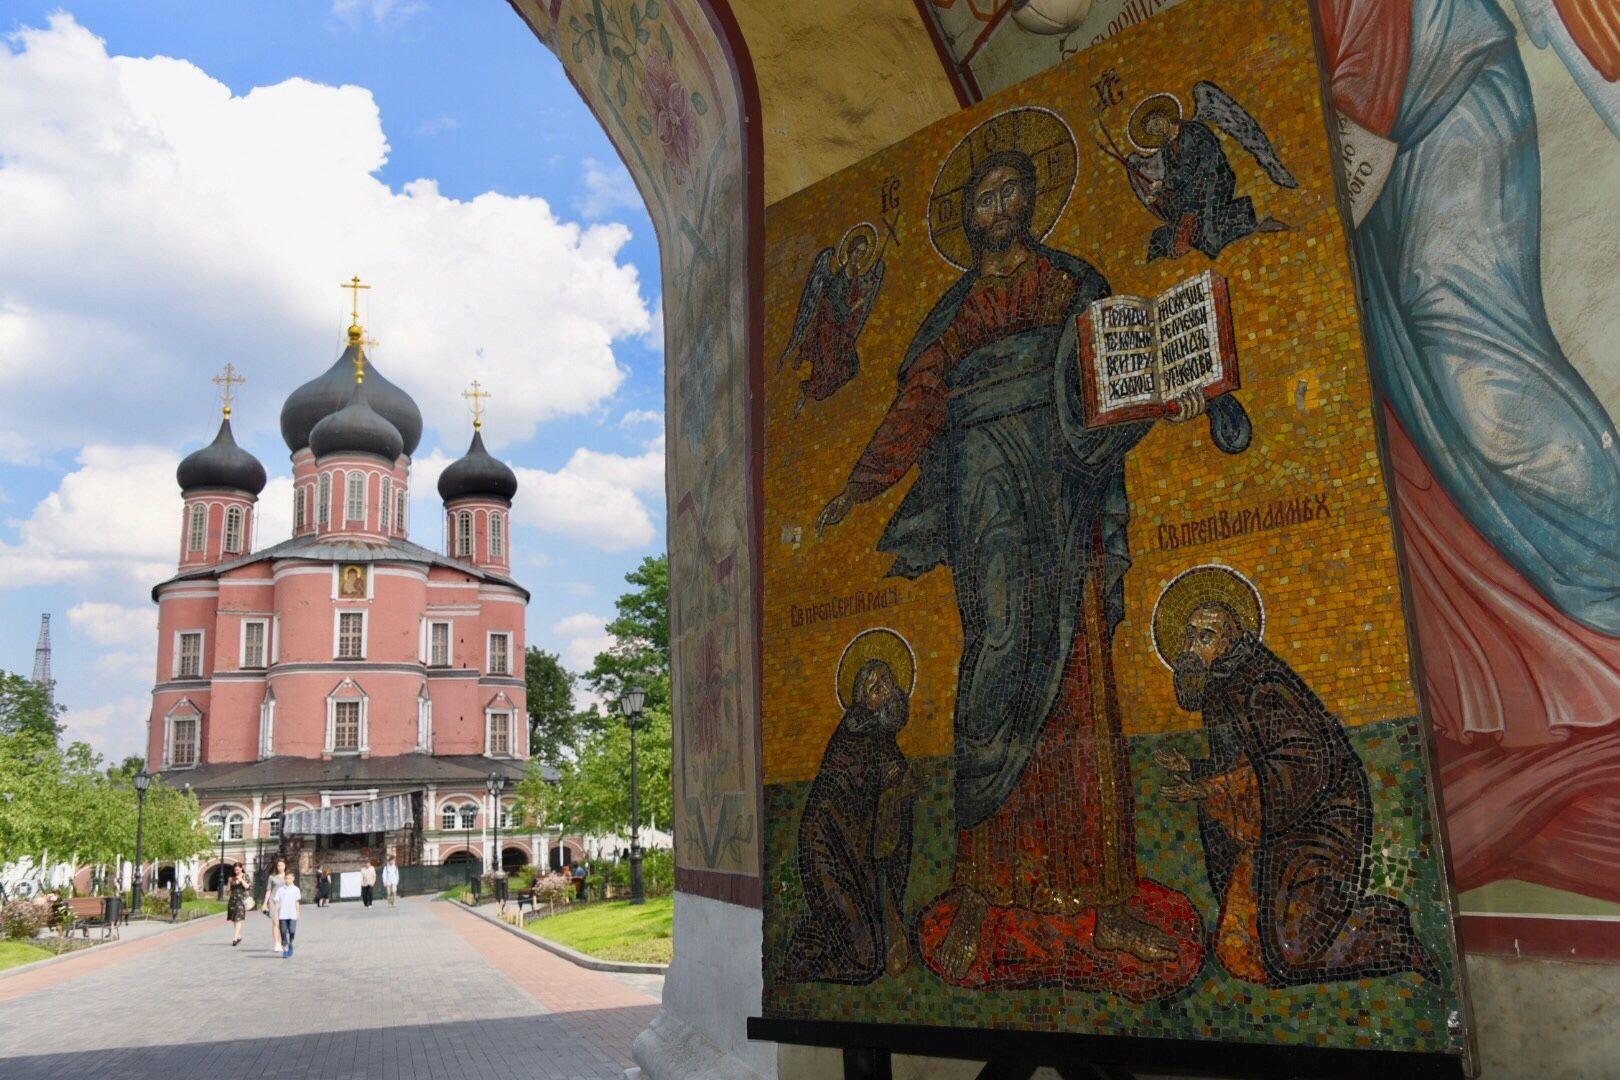 Жизнь Осипа Бове: лекция об архитекторе состоится в Донском монастыре